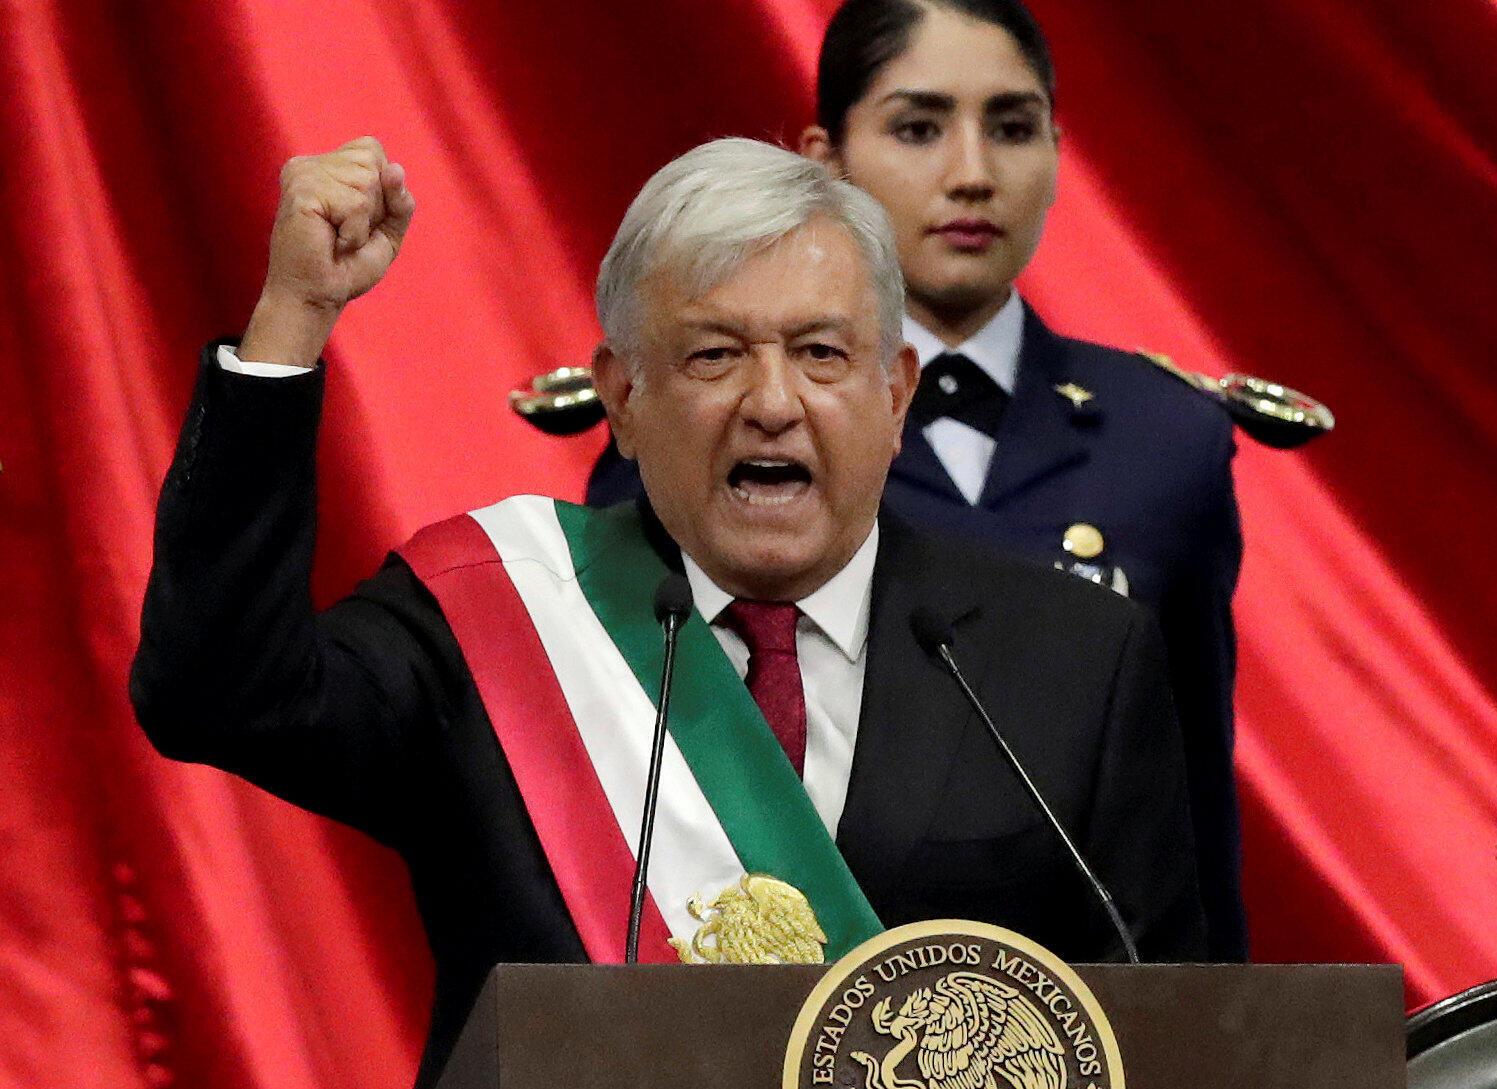 «Je vous promets de ne pas mentir, ne pas voler et ne pas trahir le peuple mexicain»: ce sont les mots d'ouverture du discours du président Lopez Obrador sur le Zocalo de Mexico, le samedi 1er décembre 2018.